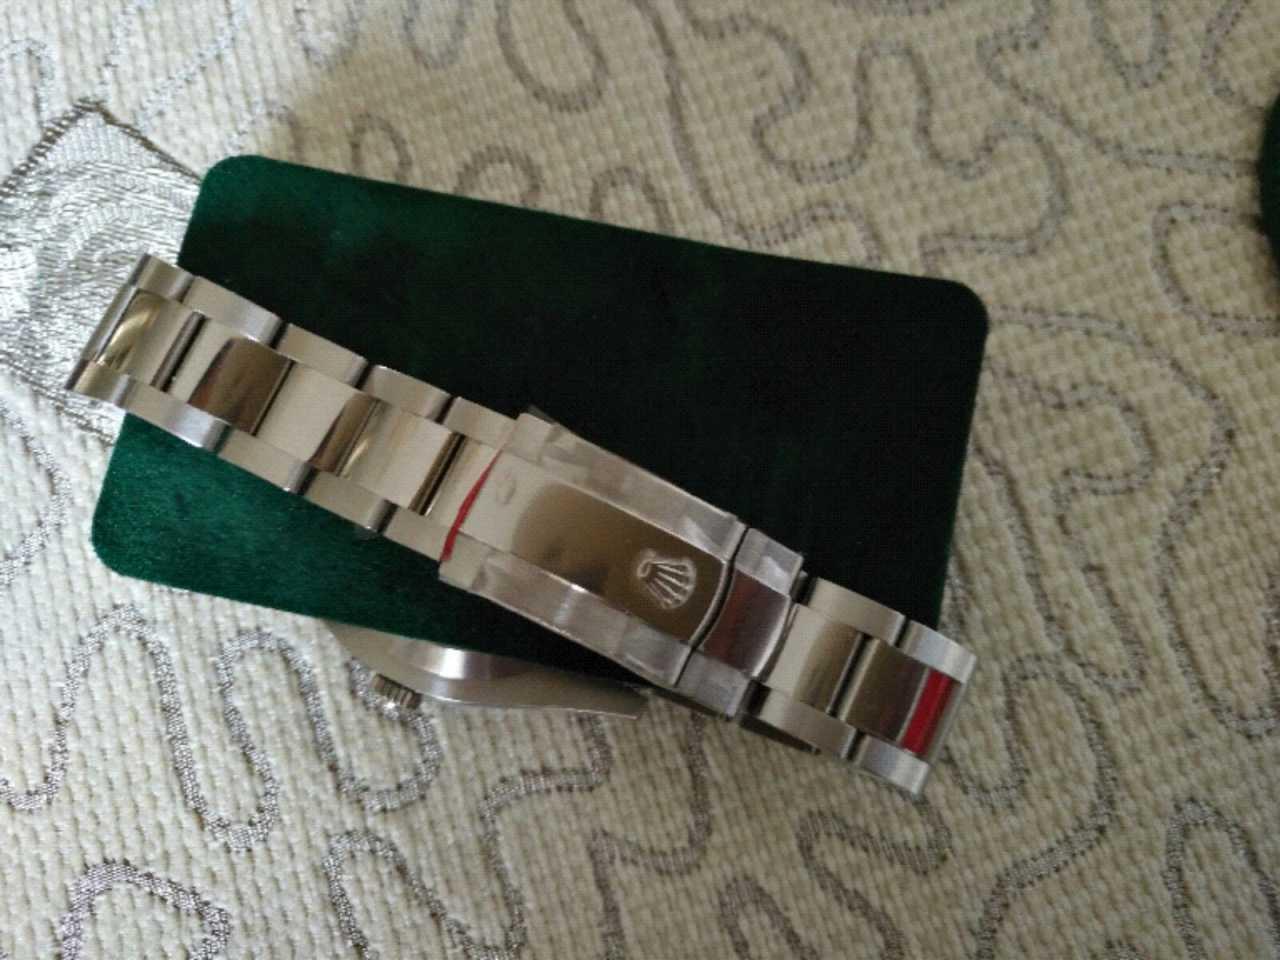 劳力士116334G-72210 灰色表盘钻石刻度手表【表友晒单作业】我于201...